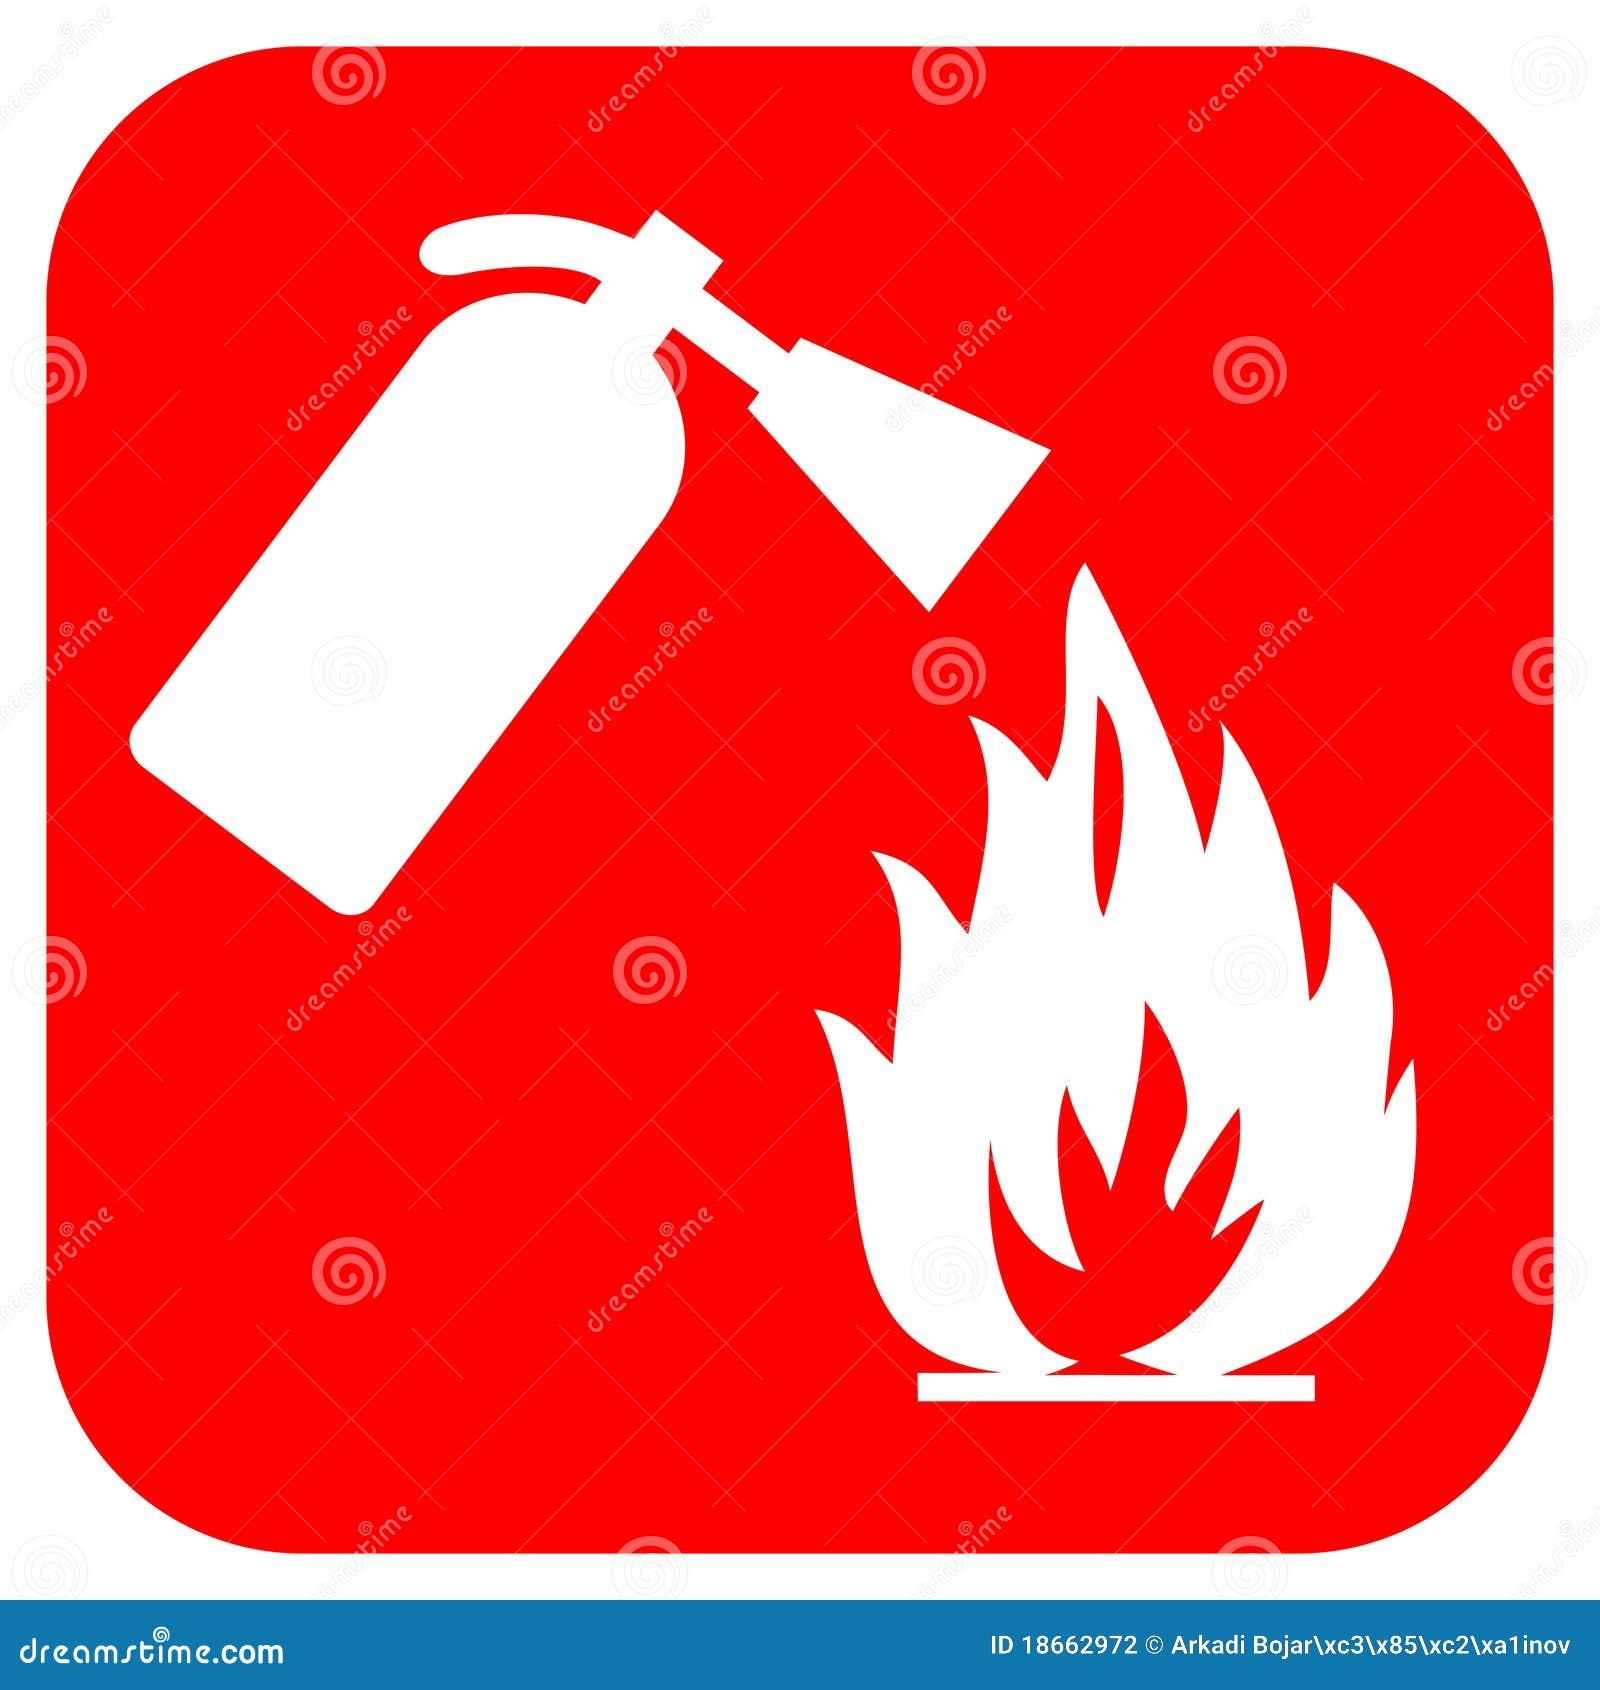 Fire extinguisher in da ass 8